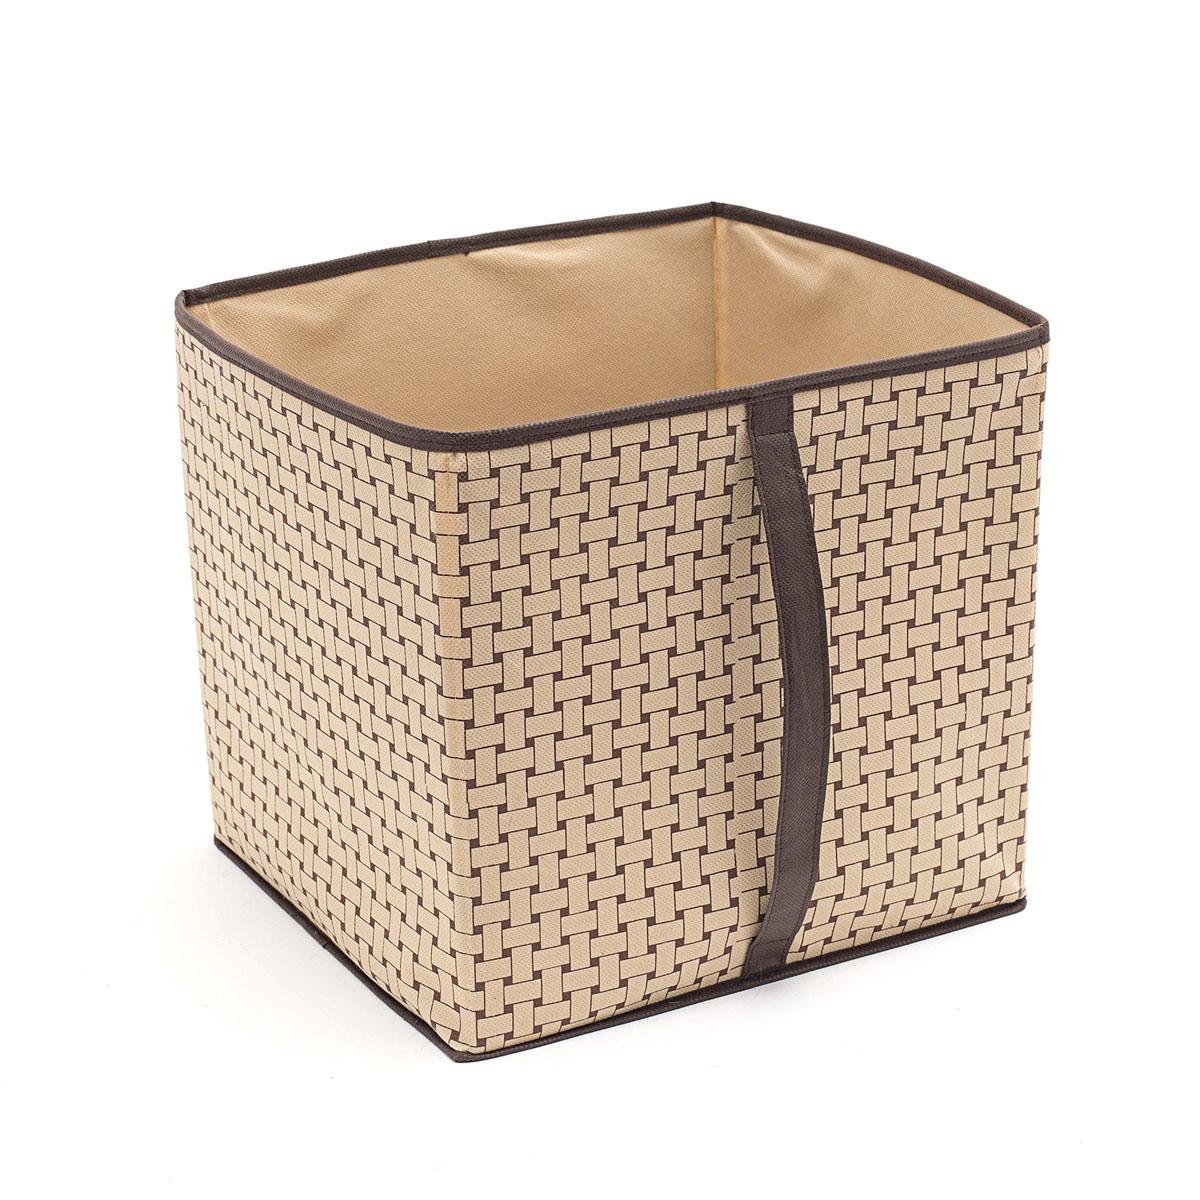 Кофр для хранения Homsu Pletenka, 30 х 33 х 32 смHOM-301Кофр для хранения Homsu Pletenka изготовлен извысококачественного нетканого полотна. Кофр имеетоднобольшое отделение, где выможете хранить различные бытовые вещи, нижнеебелье, одежду и многое другое. Вставки из картонаобеспечивают прочность конструкции.Стильный принт, модный цвет и качество исполнениясделают такой кофр незаменимым для храненияваших вещей.